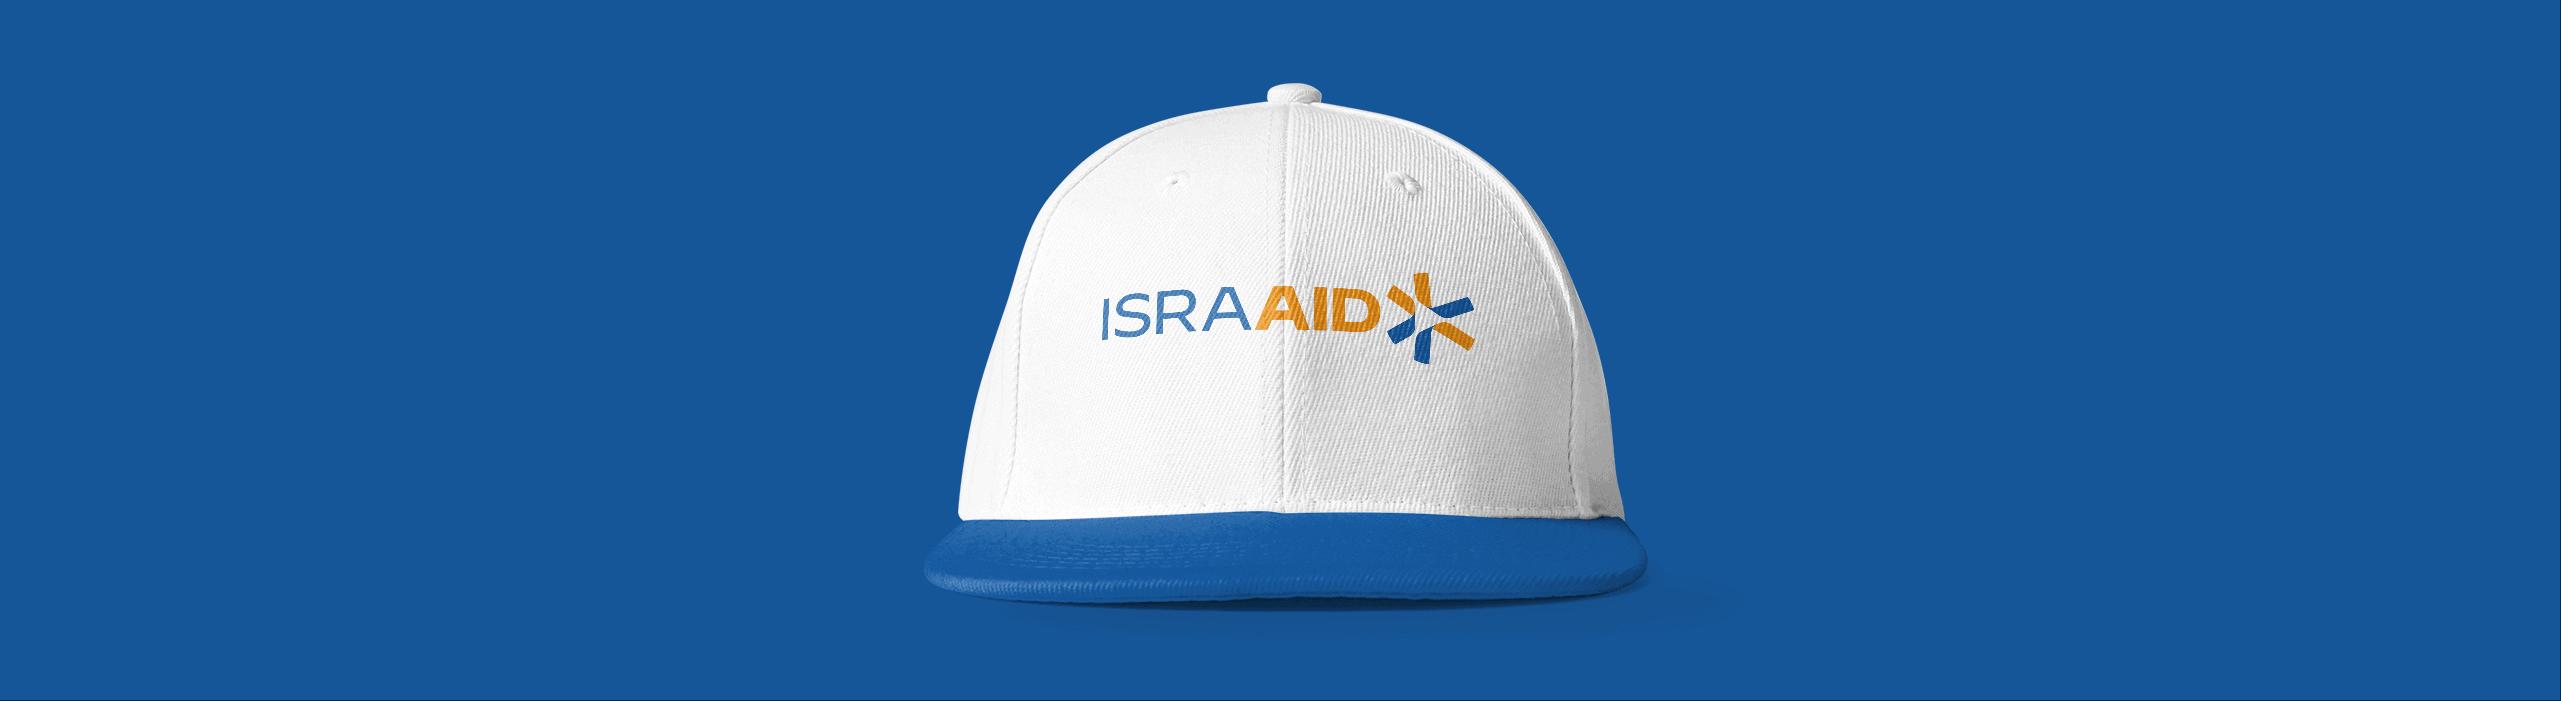 IsraAID - 20 - Natie Branding Agency